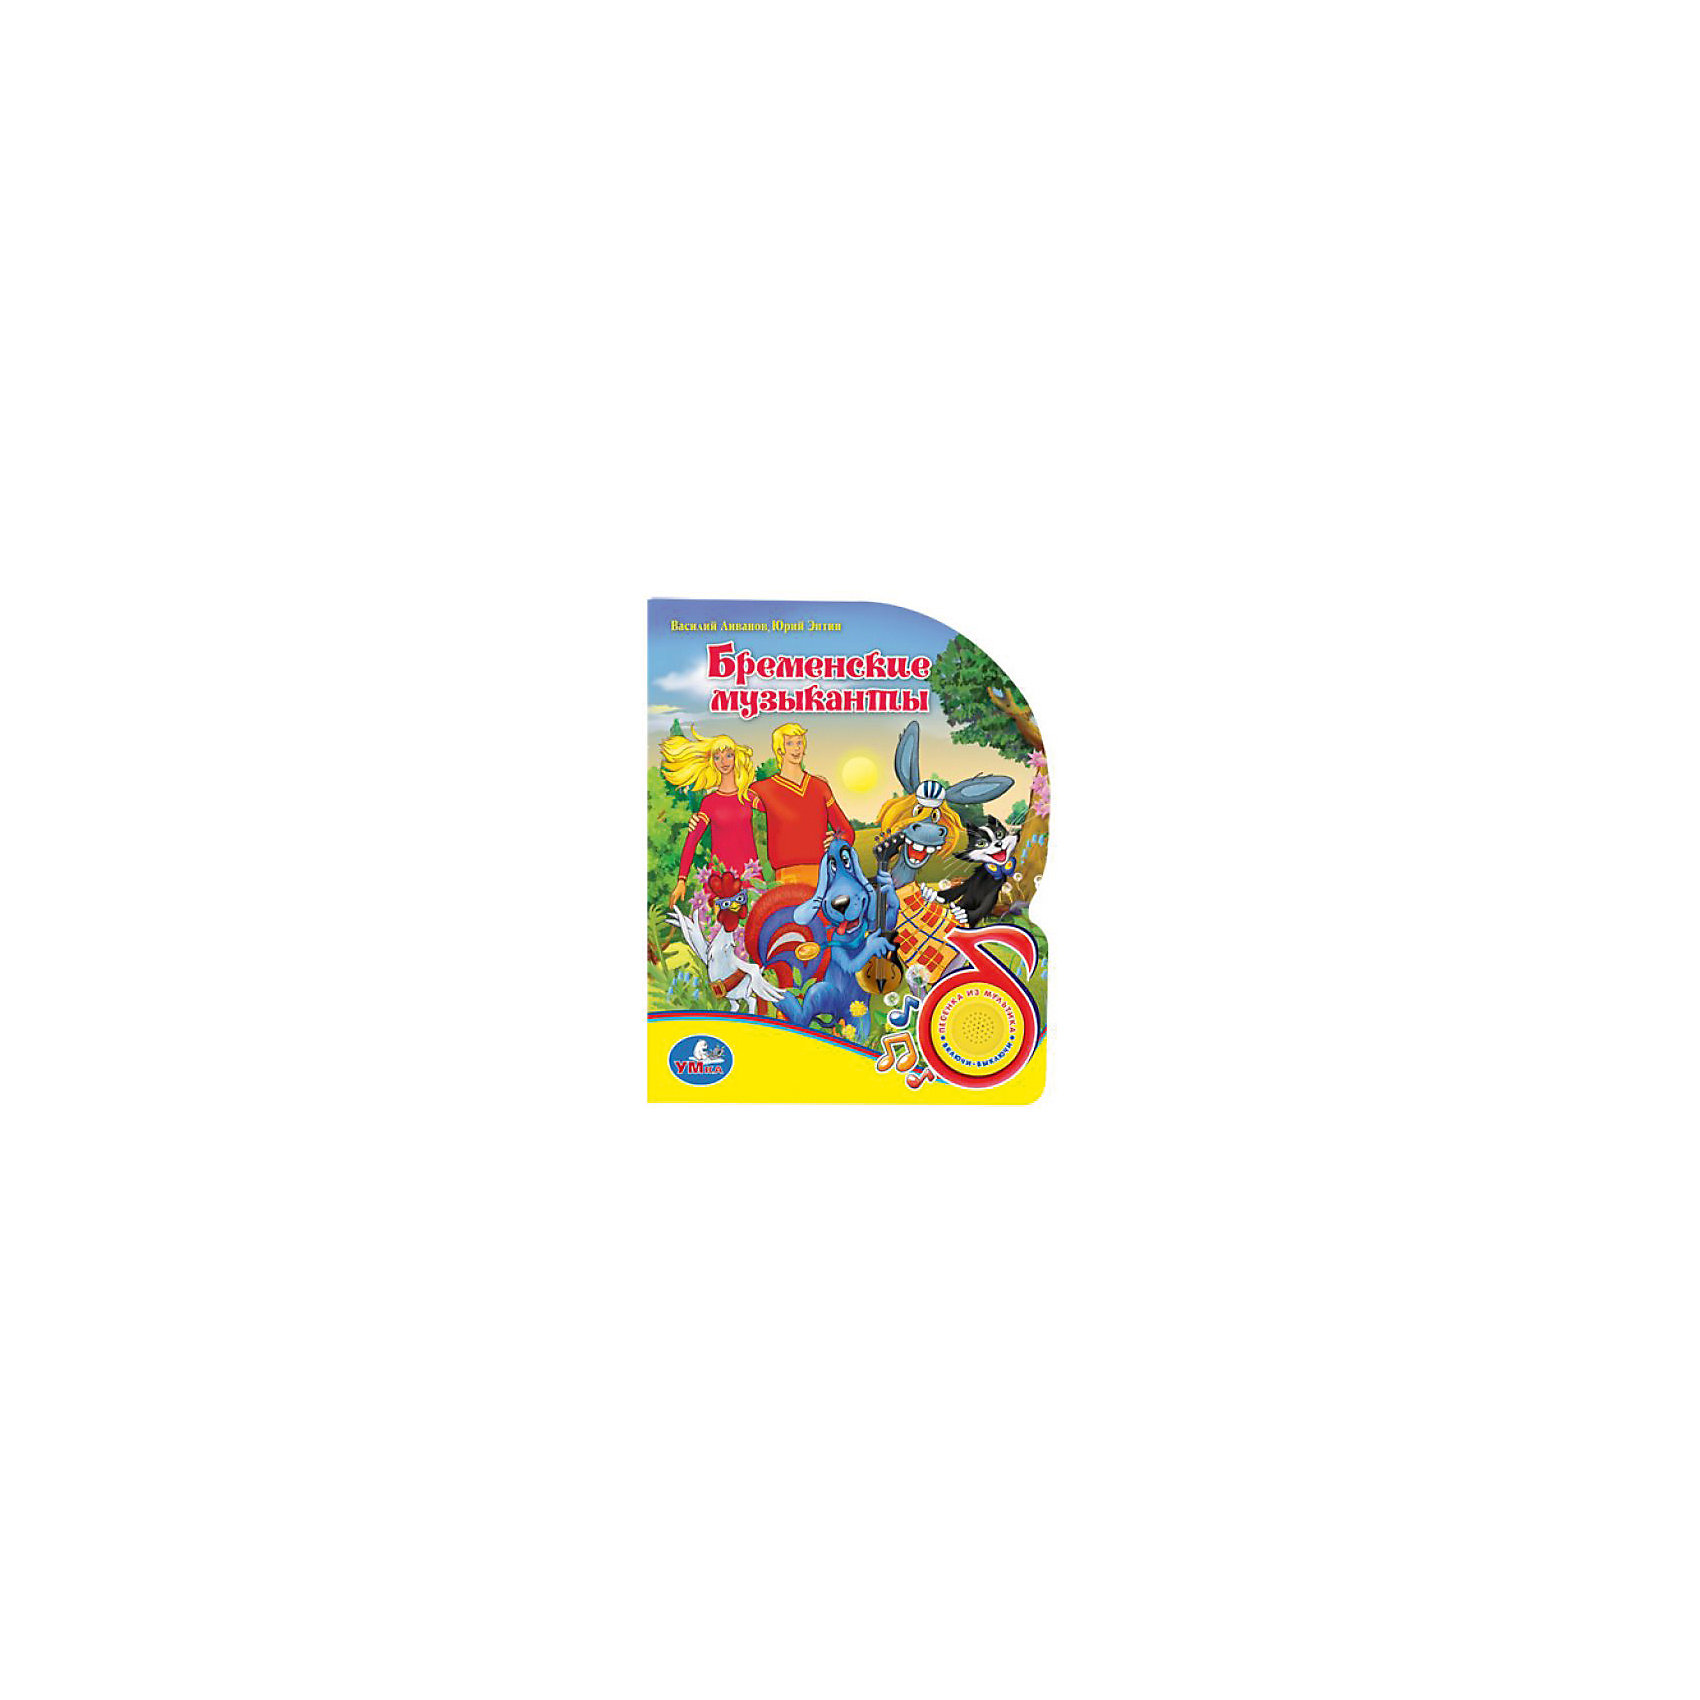 Книга с 1 кнопкой Бременские музыкантыКнижка с любимым героем  обязательно понравится вашему ребенку. Книга дополнена яркими иллюстрациями, которые обязательно порадуют малышей и привлекут их внимание, плотные картонные страницы и крупный шрифт идеально подходят для маленьких детей. Нажав на кнопку, ребёнок услышит любимую песенку и увидит разноцветные огоньки. <br><br>Дополнительная информация:<br><br>- Формат: 15х18,5 см<br>- Переплет: картон.<br>- Количество страниц: 10.<br>- Иллюстрации: цветные.<br>- Элемент питания: демонстрационные батарейки в комплекте.<br> <br>Книгу с 1 кнопкой Бременские музыканты, можно купить в нашем магазине.<br><br>Ширина мм: 150<br>Глубина мм: 190<br>Высота мм: 30<br>Вес г: 160<br>Возраст от месяцев: 12<br>Возраст до месяцев: 60<br>Пол: Унисекс<br>Возраст: Детский<br>SKU: 4053298